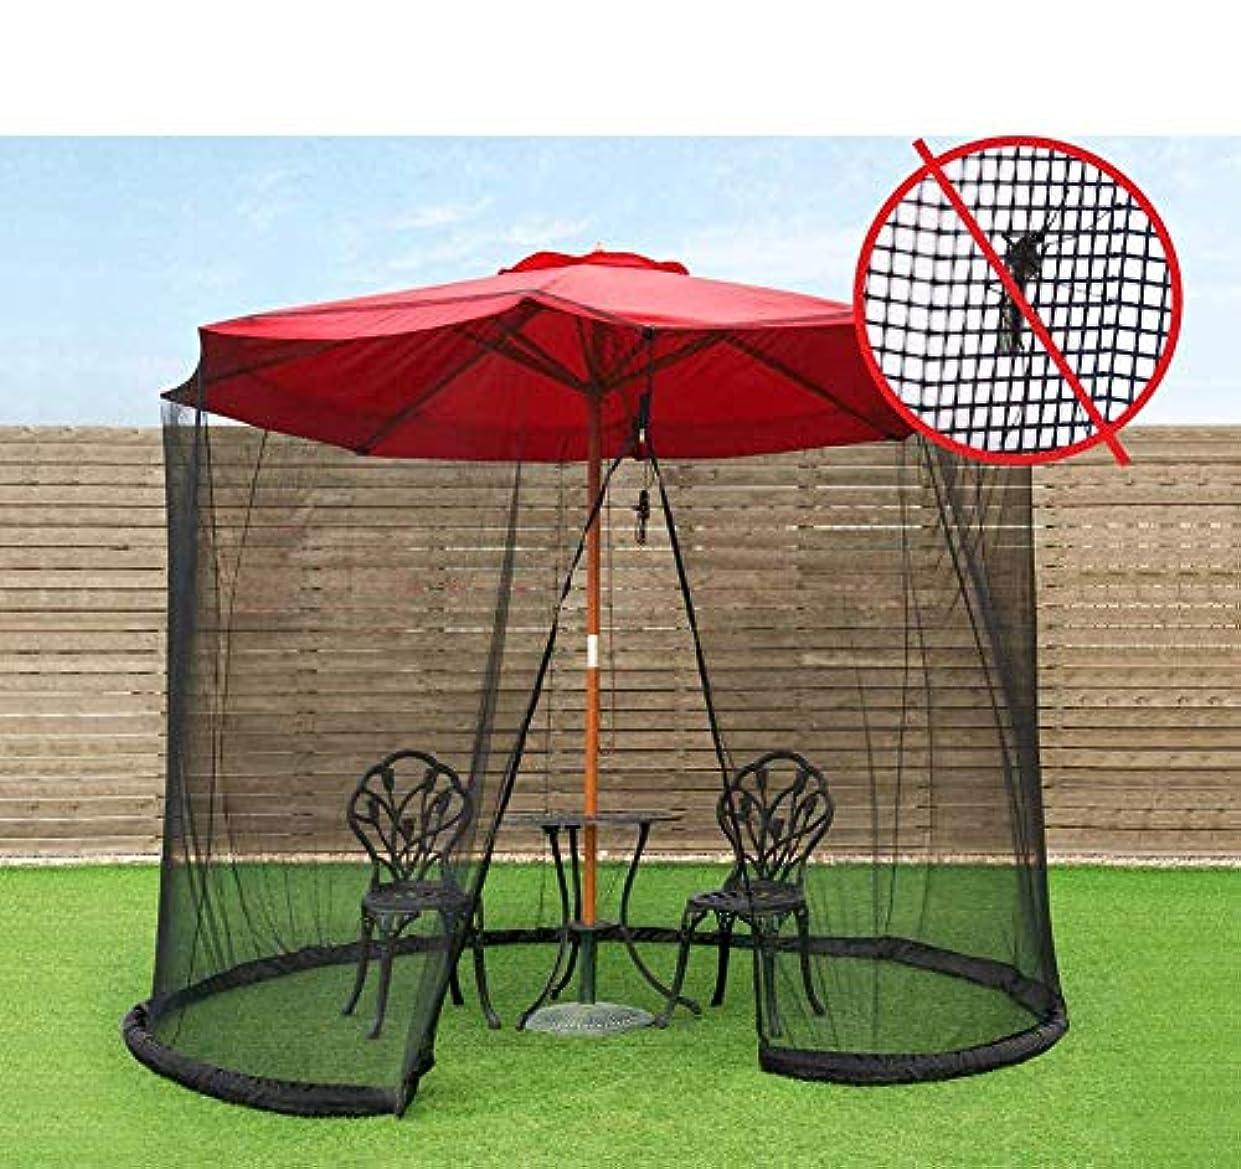 新着削減ゴミ家の家具屋外の庭の傘テーブルスクリーンパラソル蚊帳カバーバグネッティングカバーパラソルコンバーターカバーあなたのパラソルを家や休日の望楼に変えます